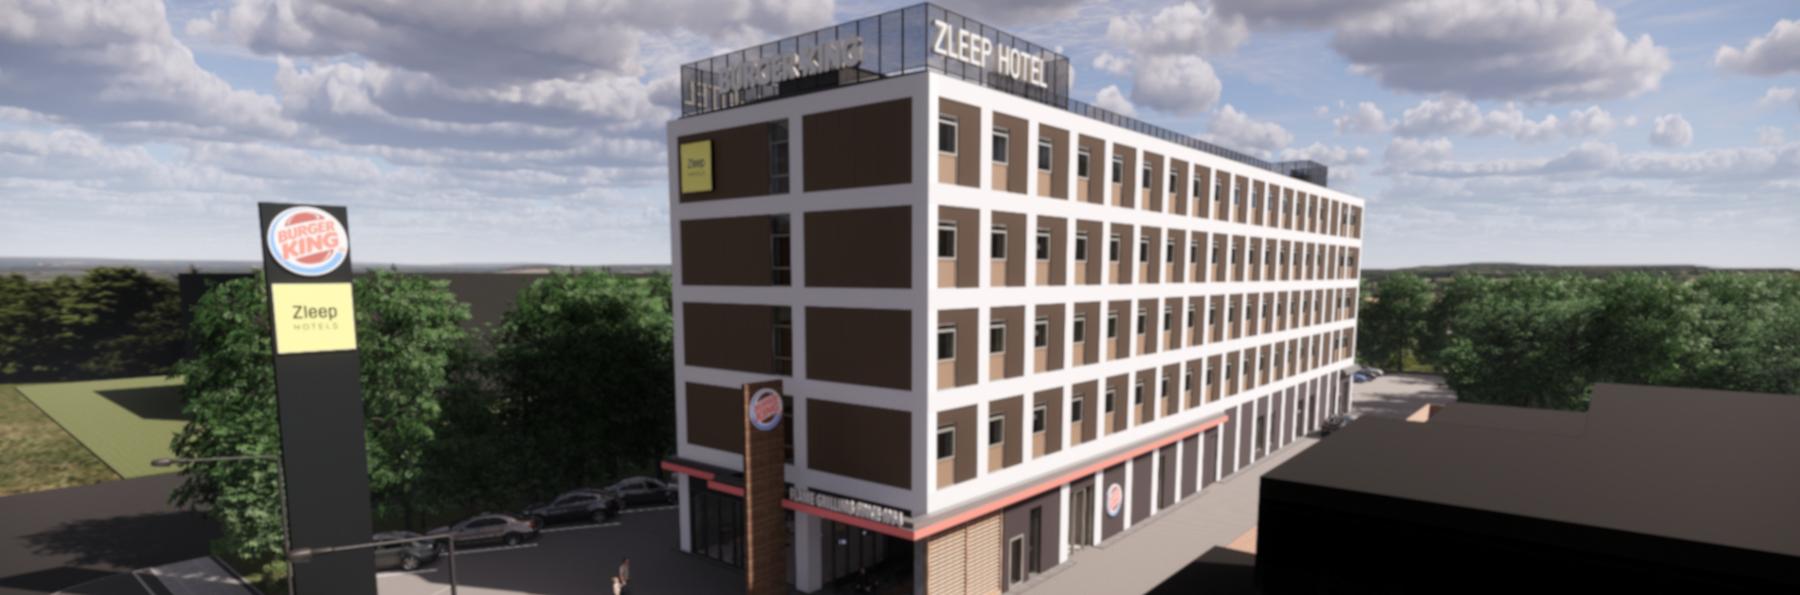 Læs mere: Zleep Hotel (Glostrup)